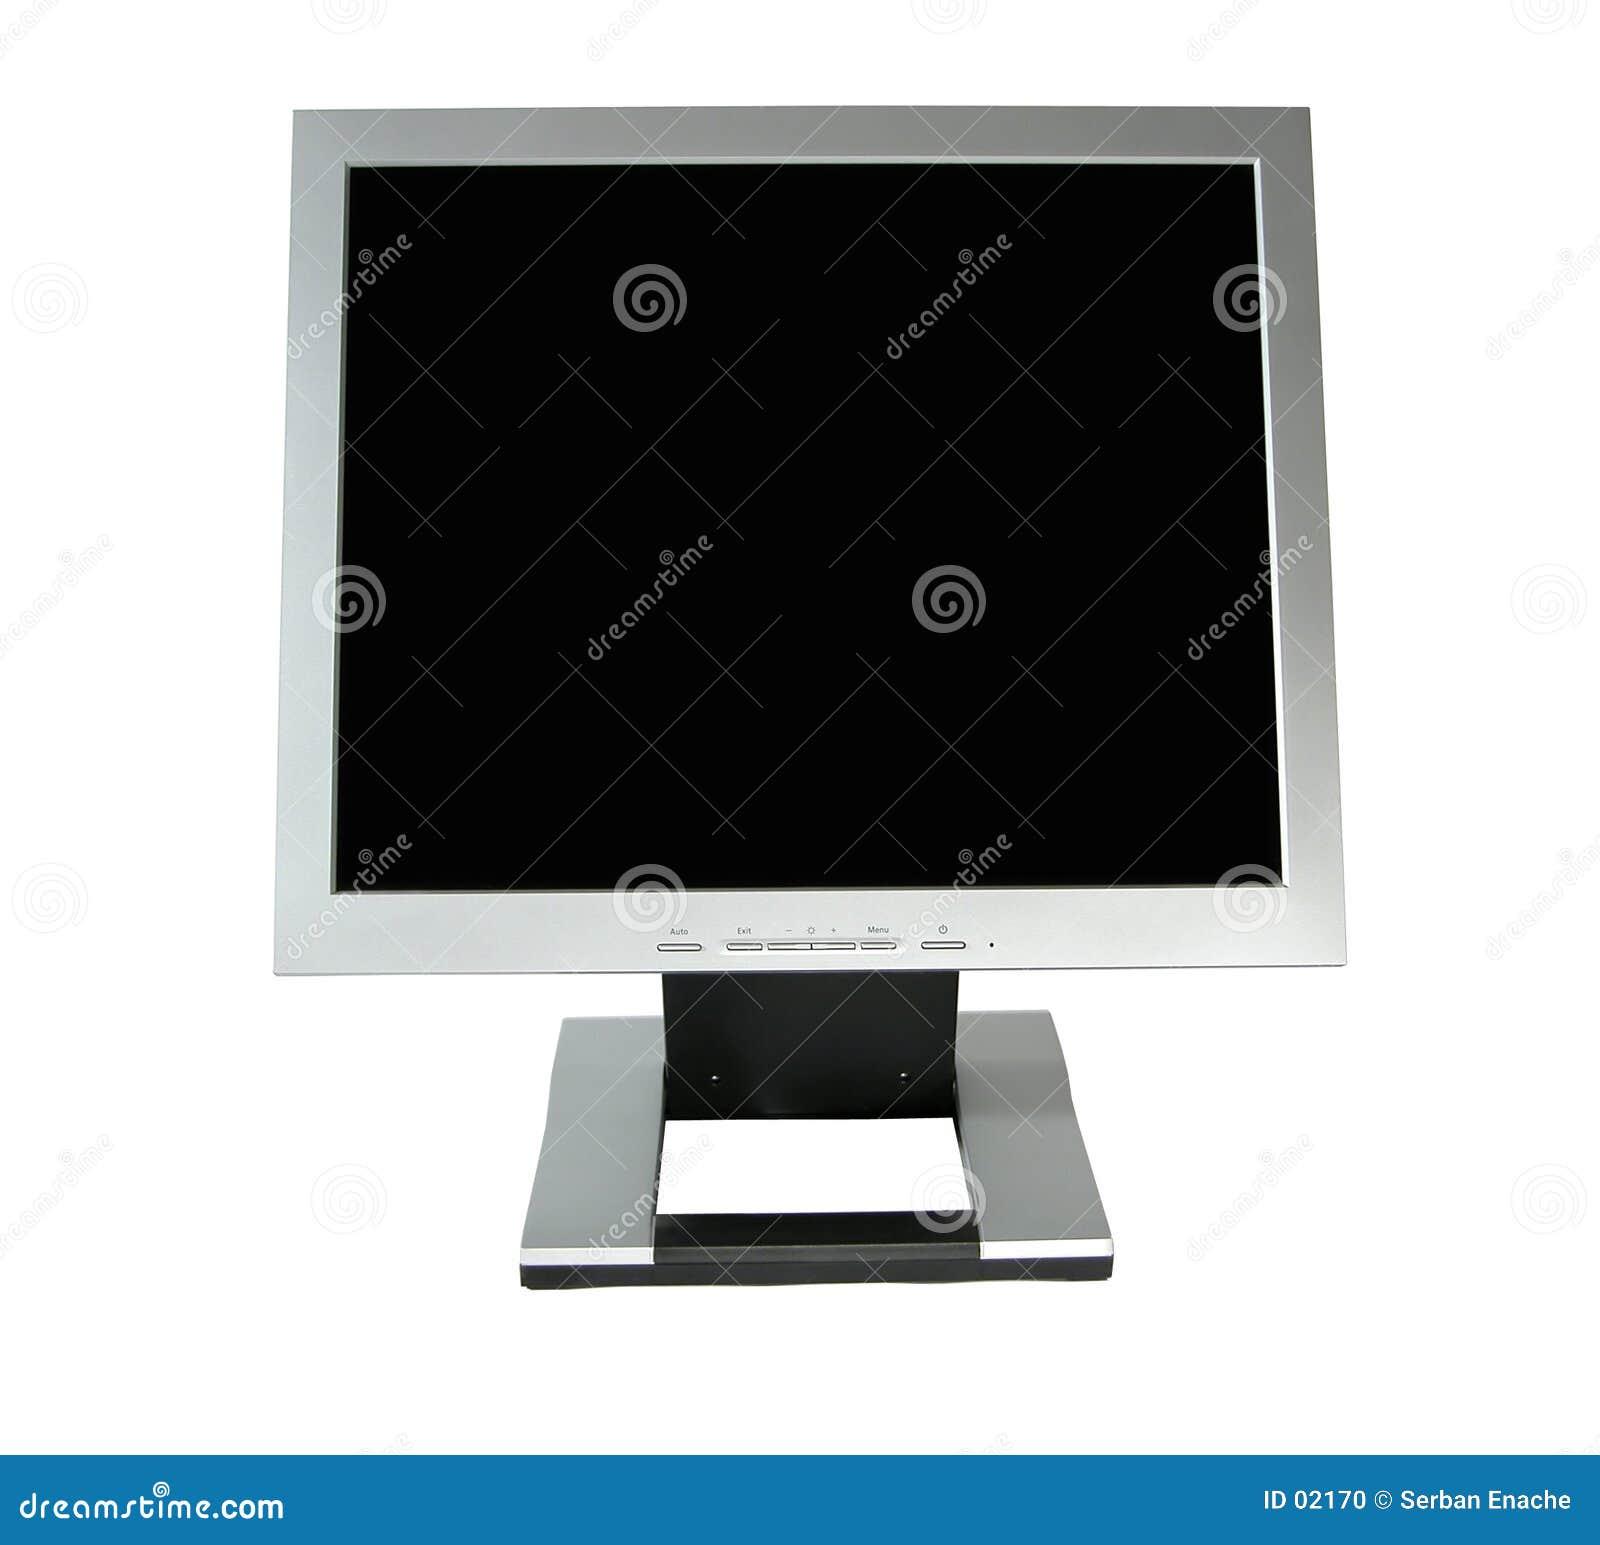 Slank tft för 2 skärm